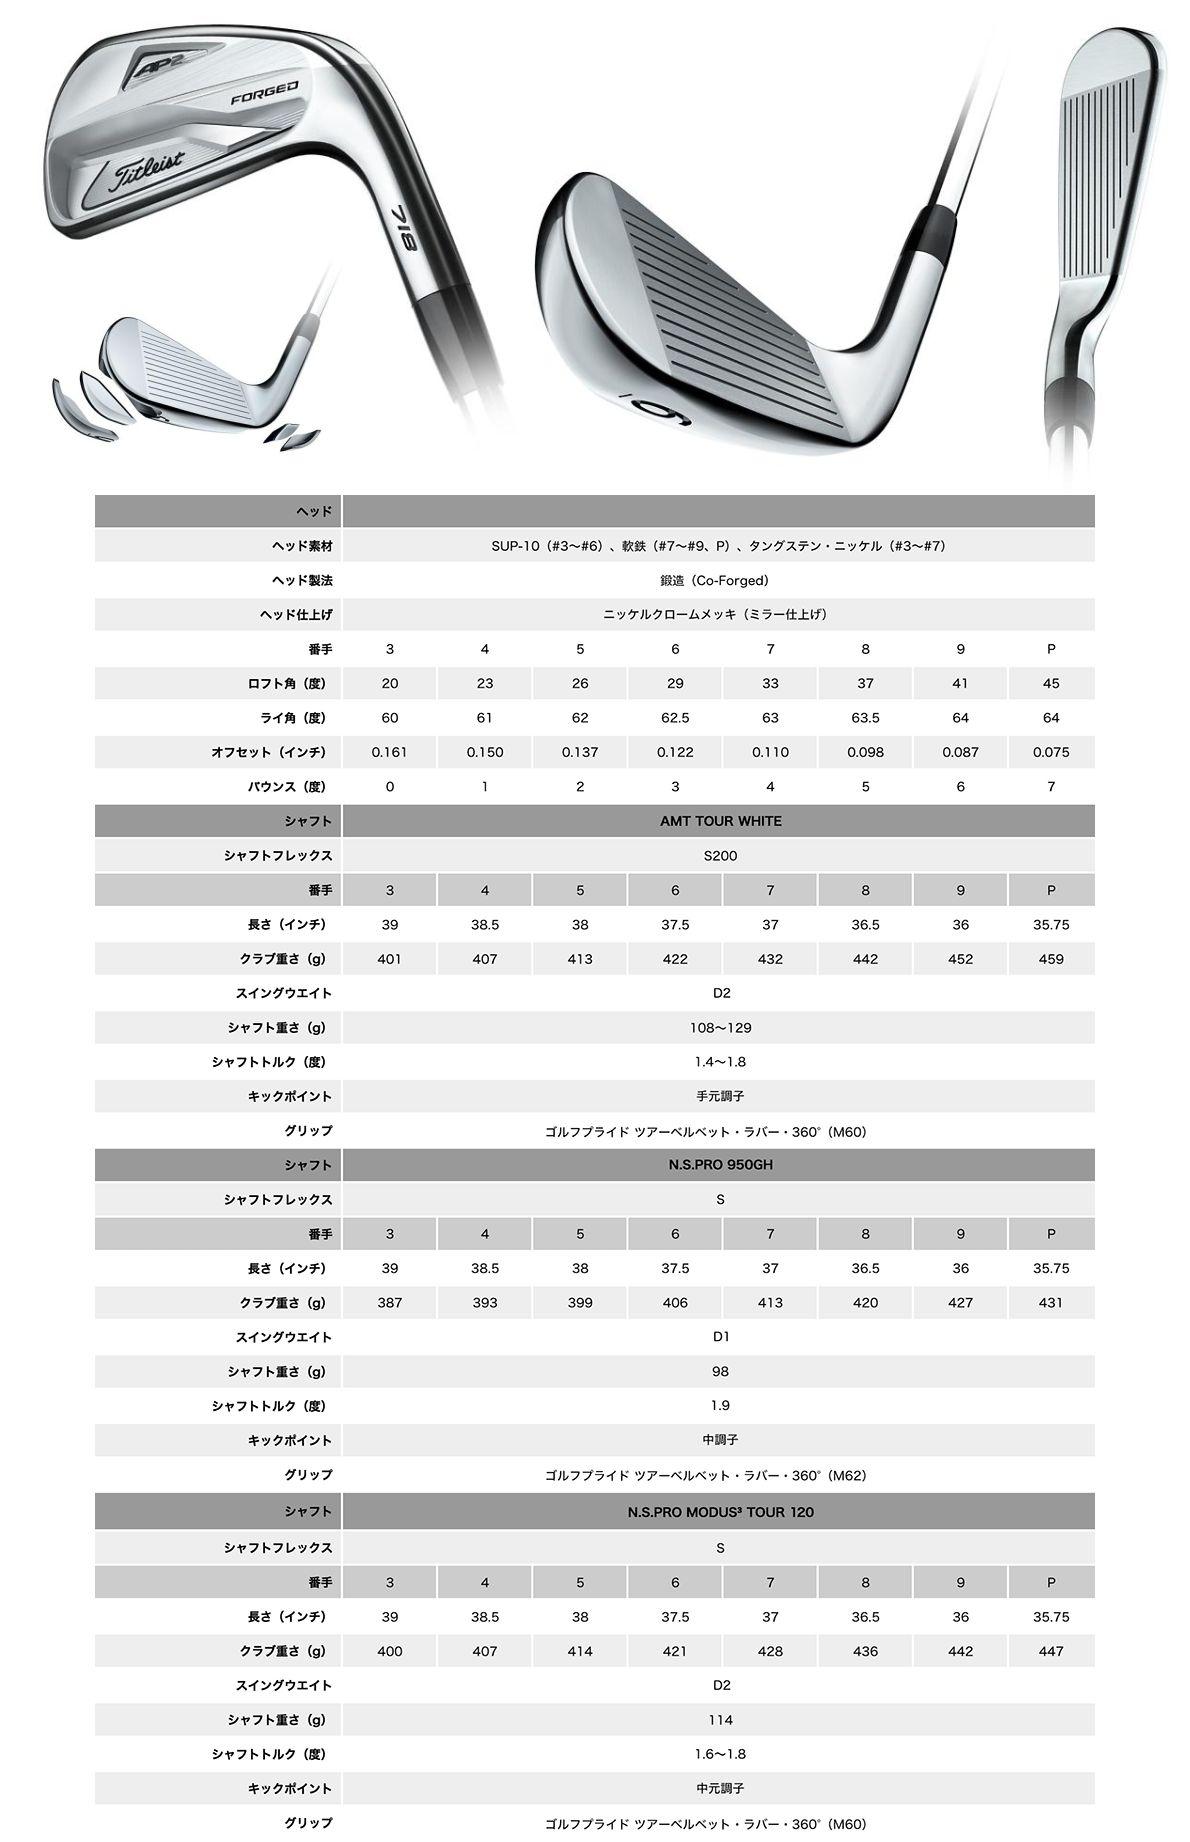 Titleist 718 AP2 Iron